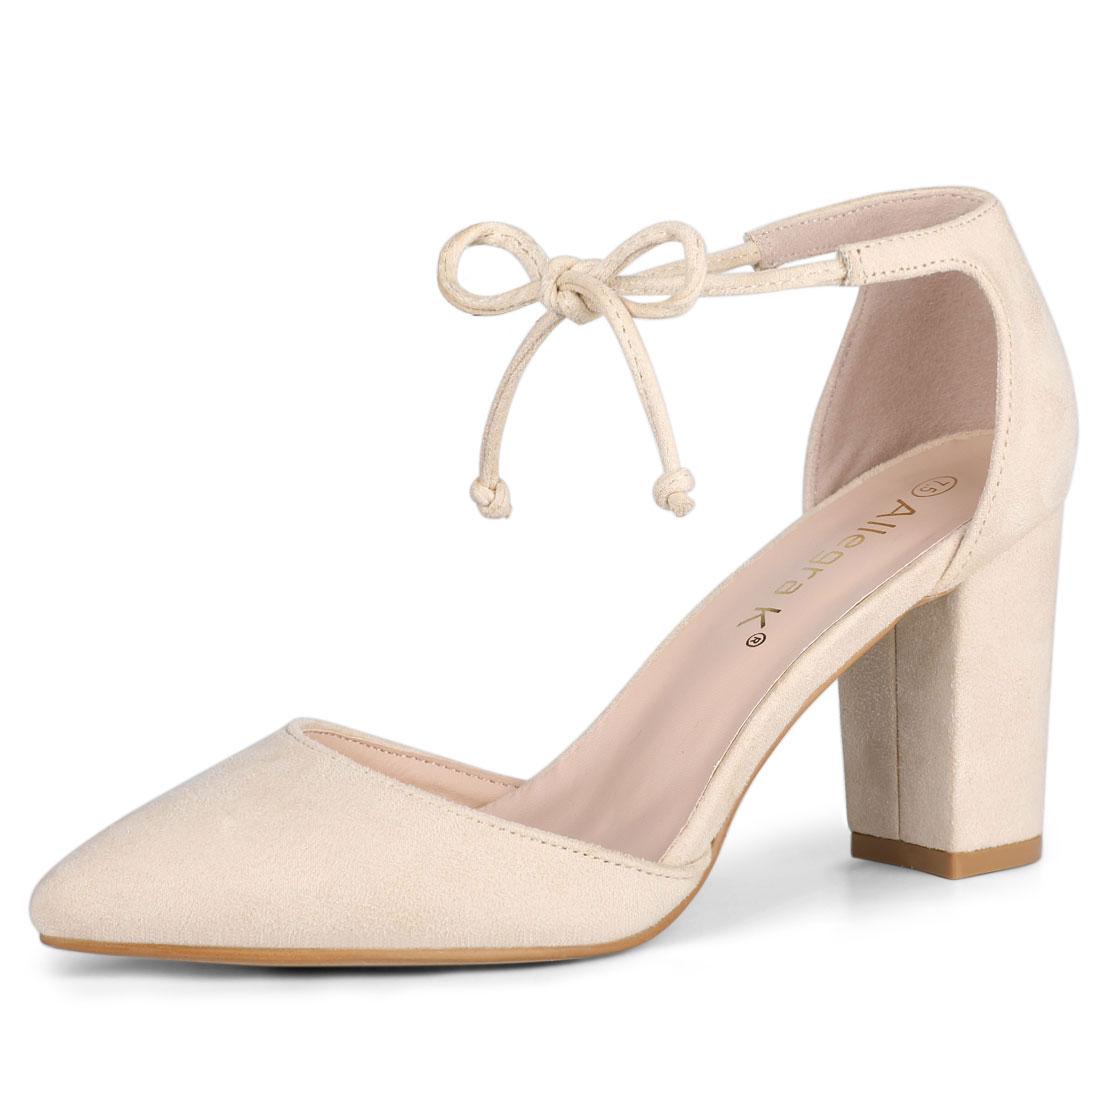 Allegra K Women's Ankle Tie Chunky Heel Pointed Toe Dress Pumps Beige US 10